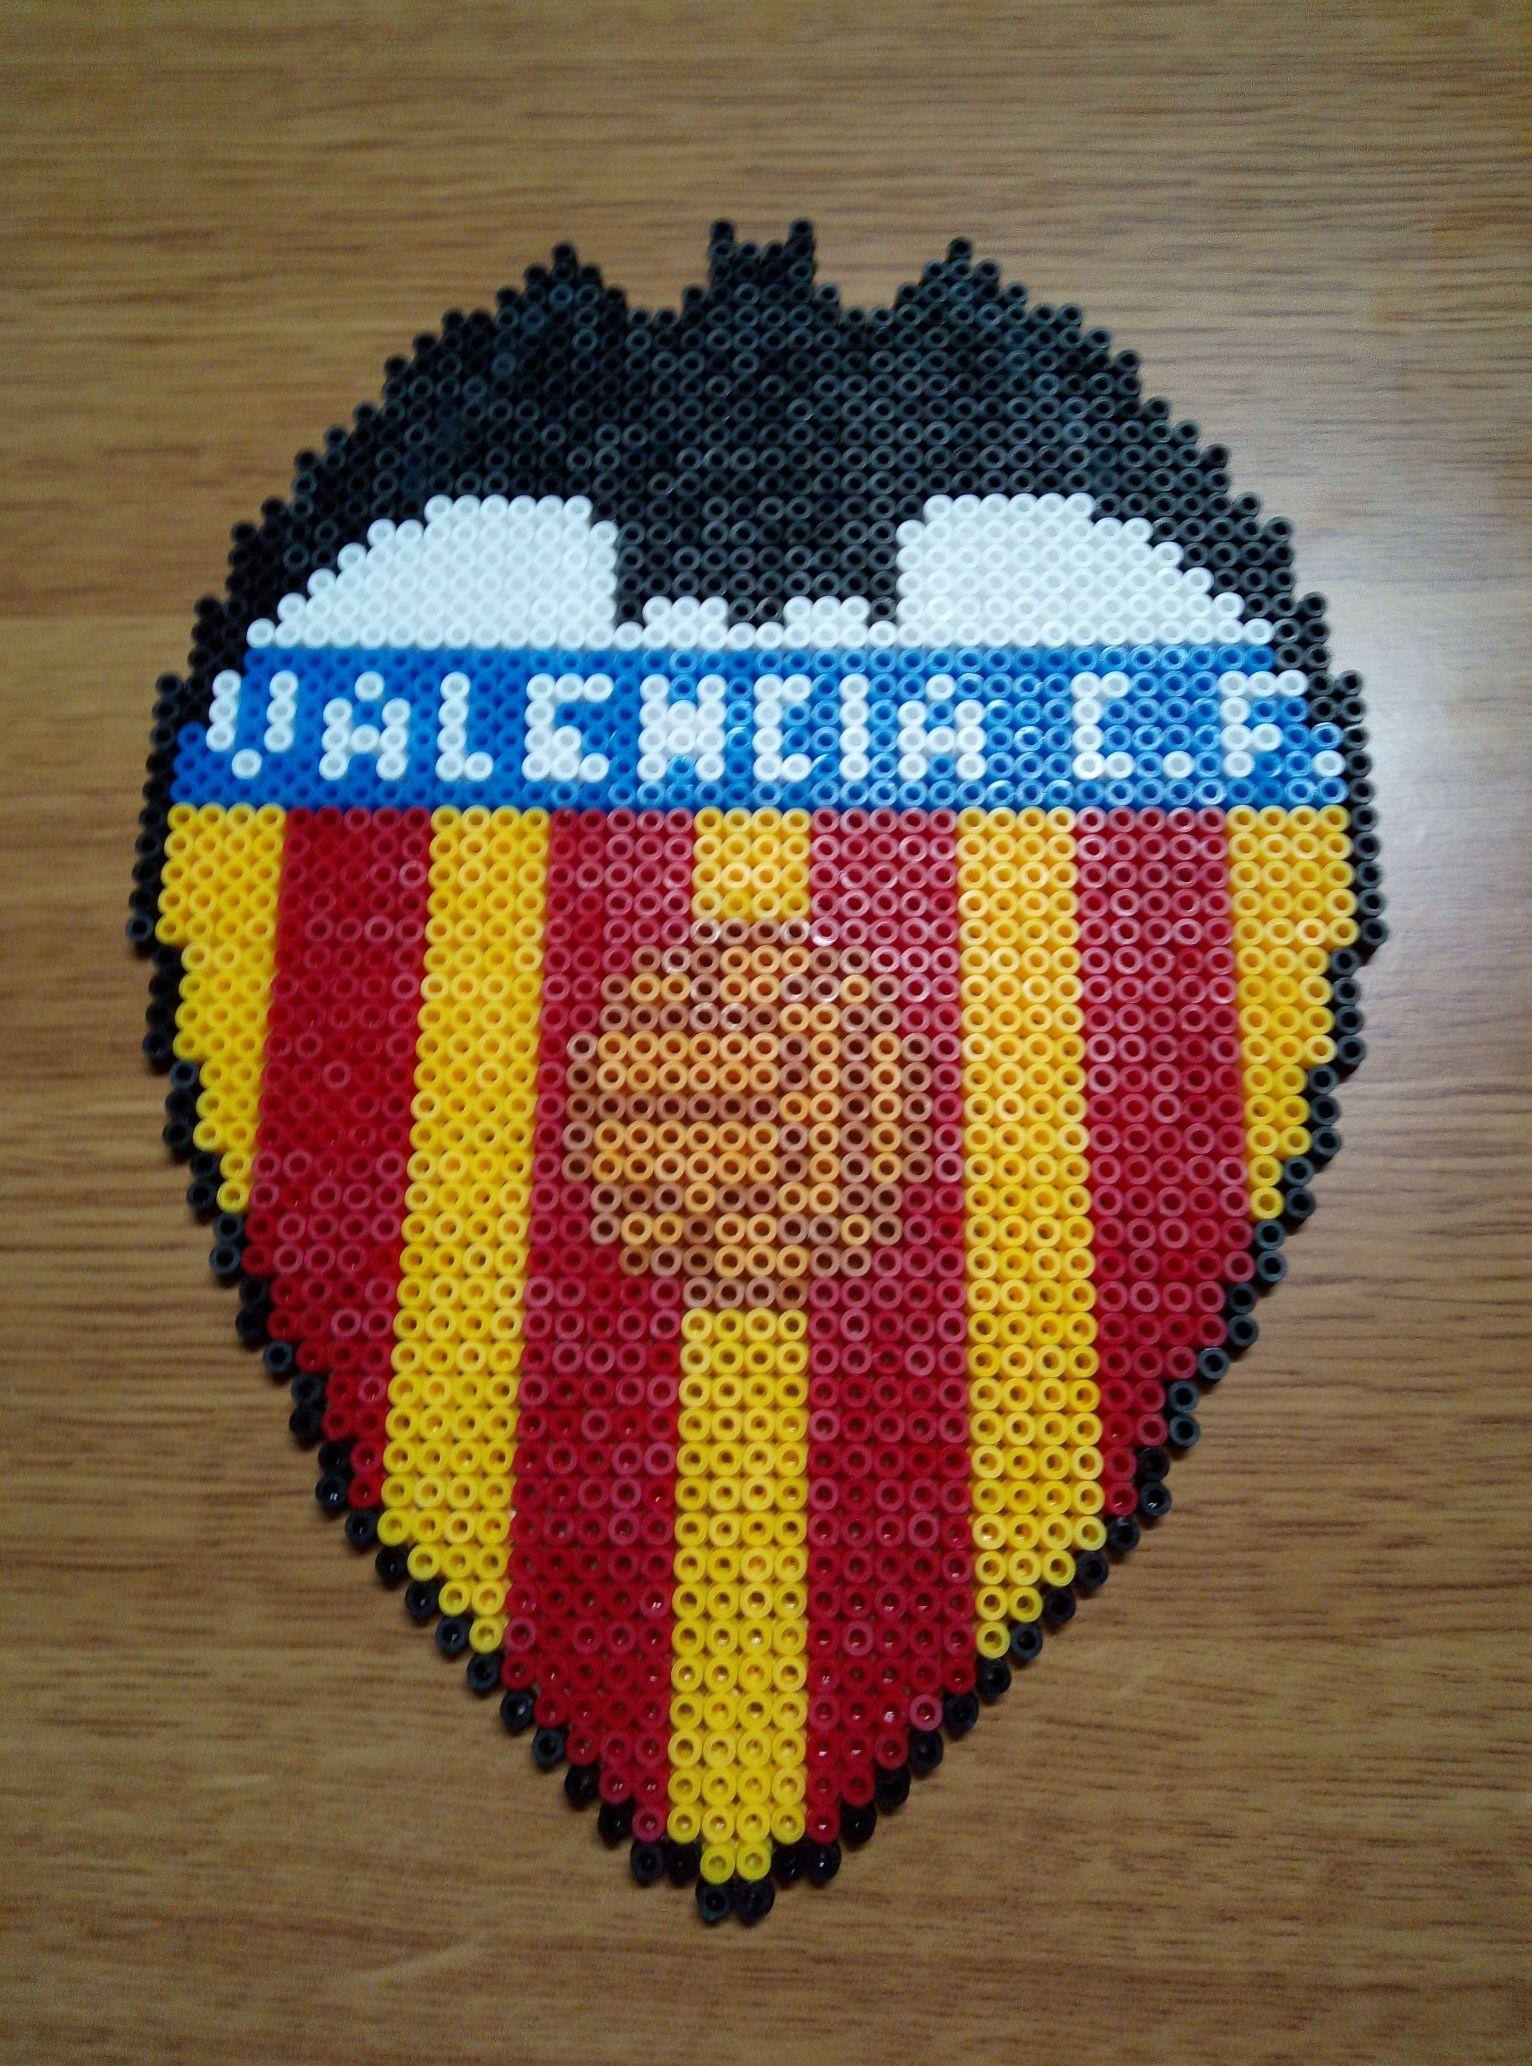 Valencia Club De Fútbol Hama Beads Abalorios Hama Hama Beads Plantillas Hama Beads